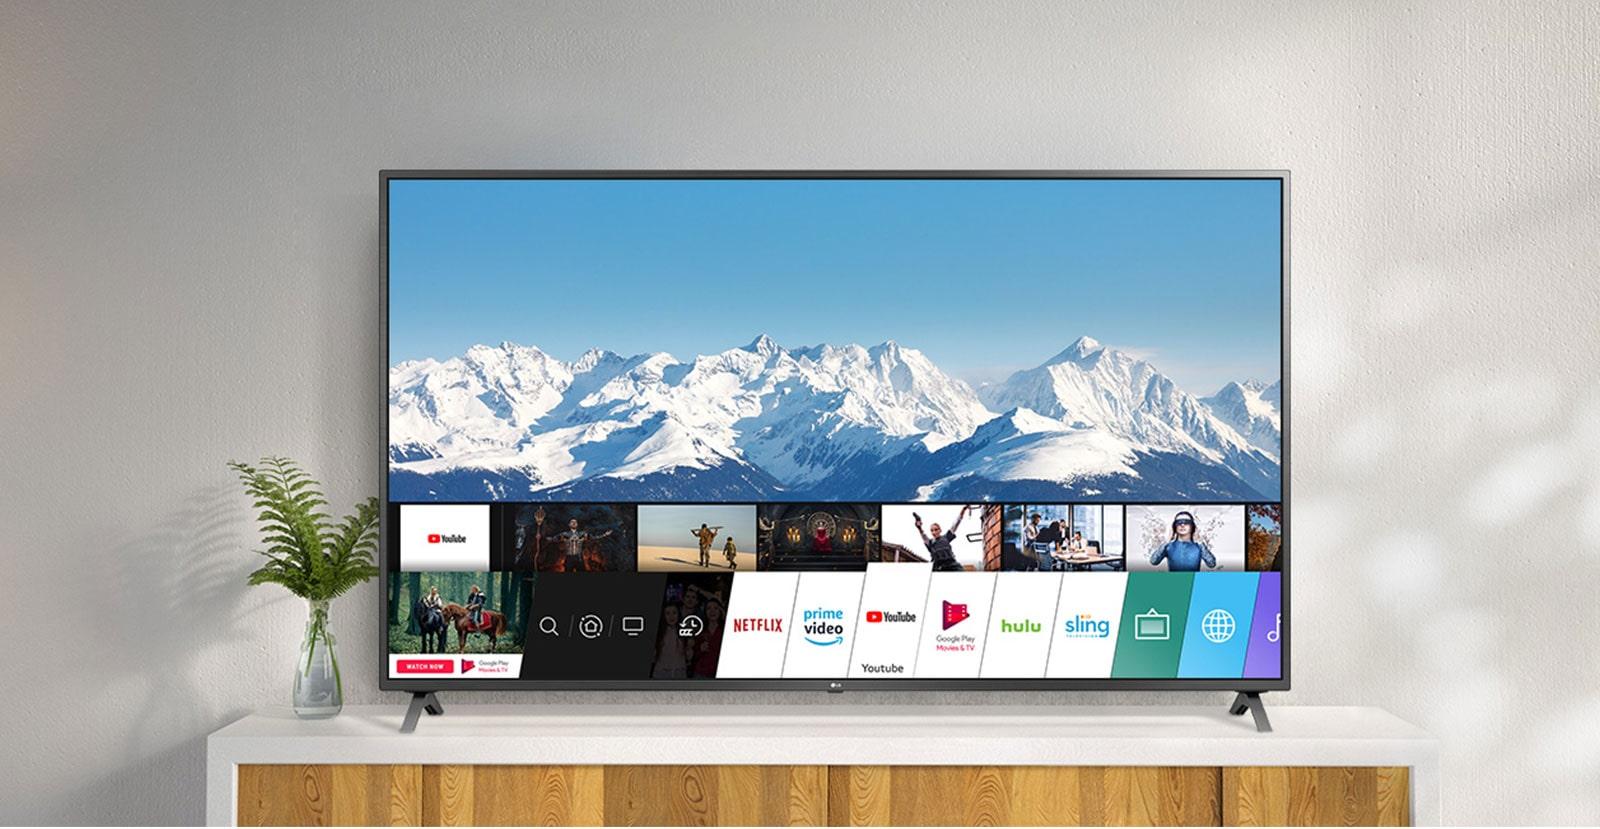 TV parada sobre un soporte blanco contra una pared blanca. La pantalla de TV muestra la pantalla de inicio con webOS.